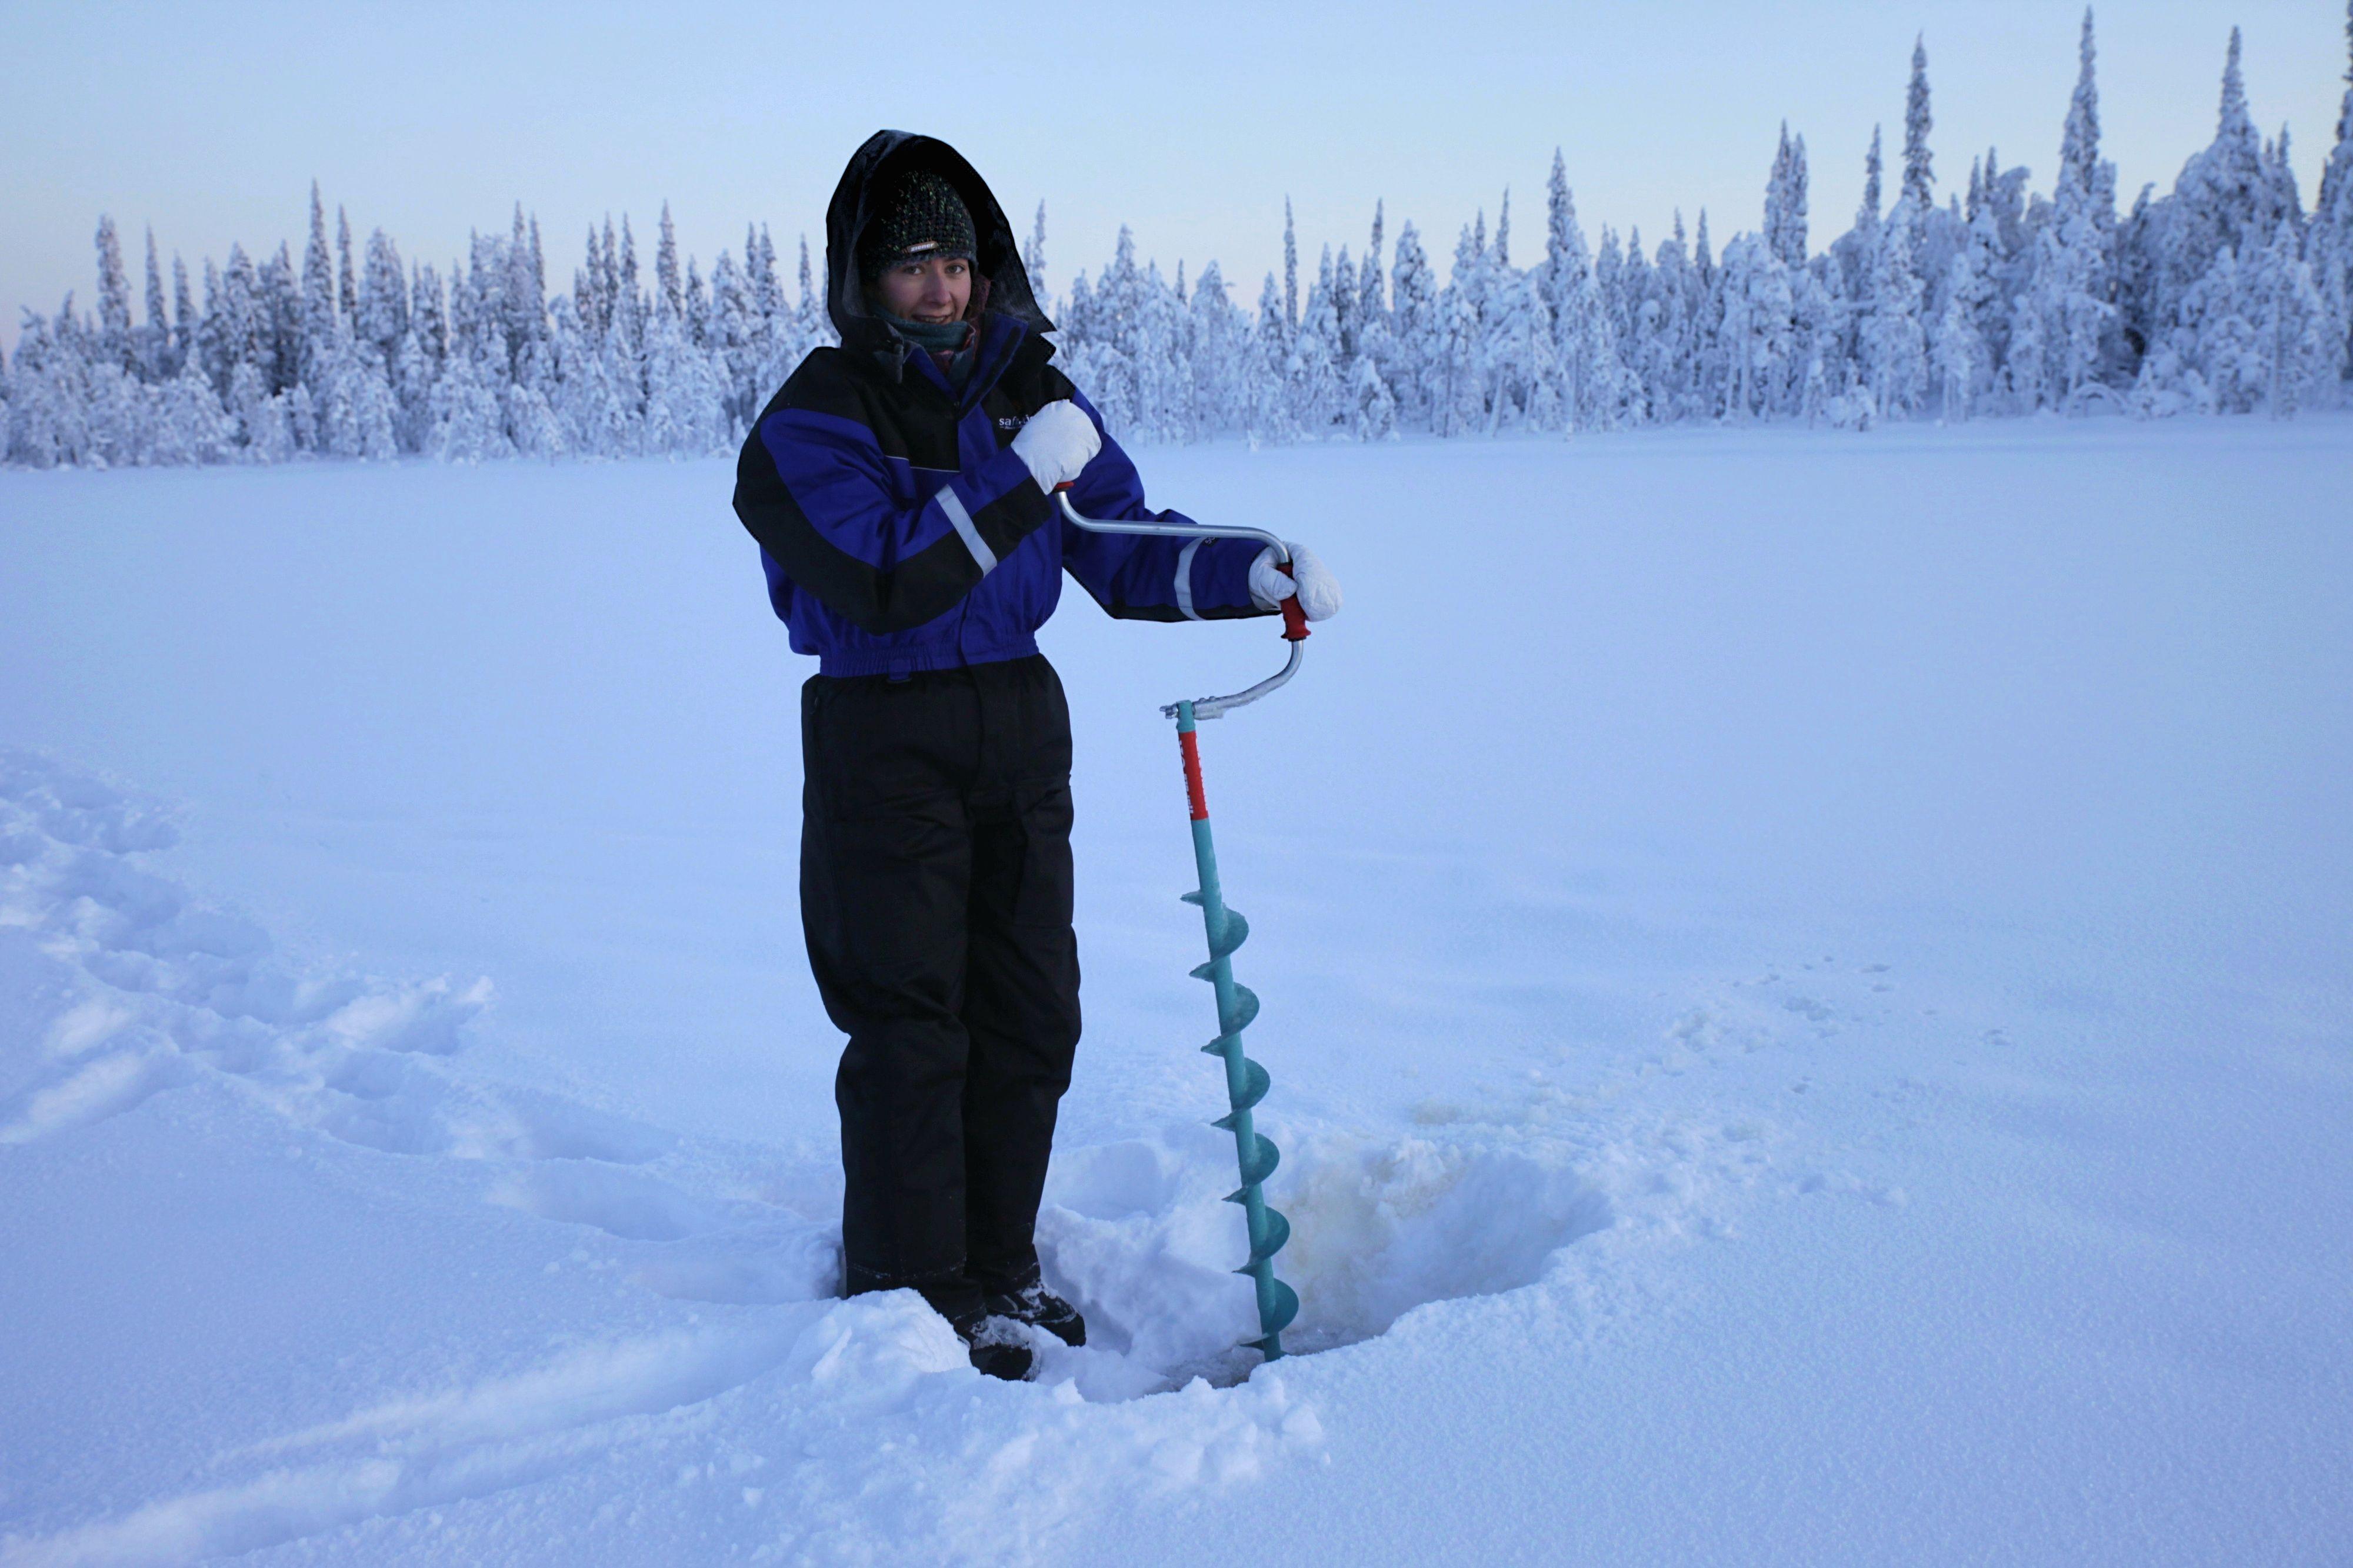 Eisangeln in Finnisch Lappland - mit handbetriebenen Motor durch den zugefrorenen See.